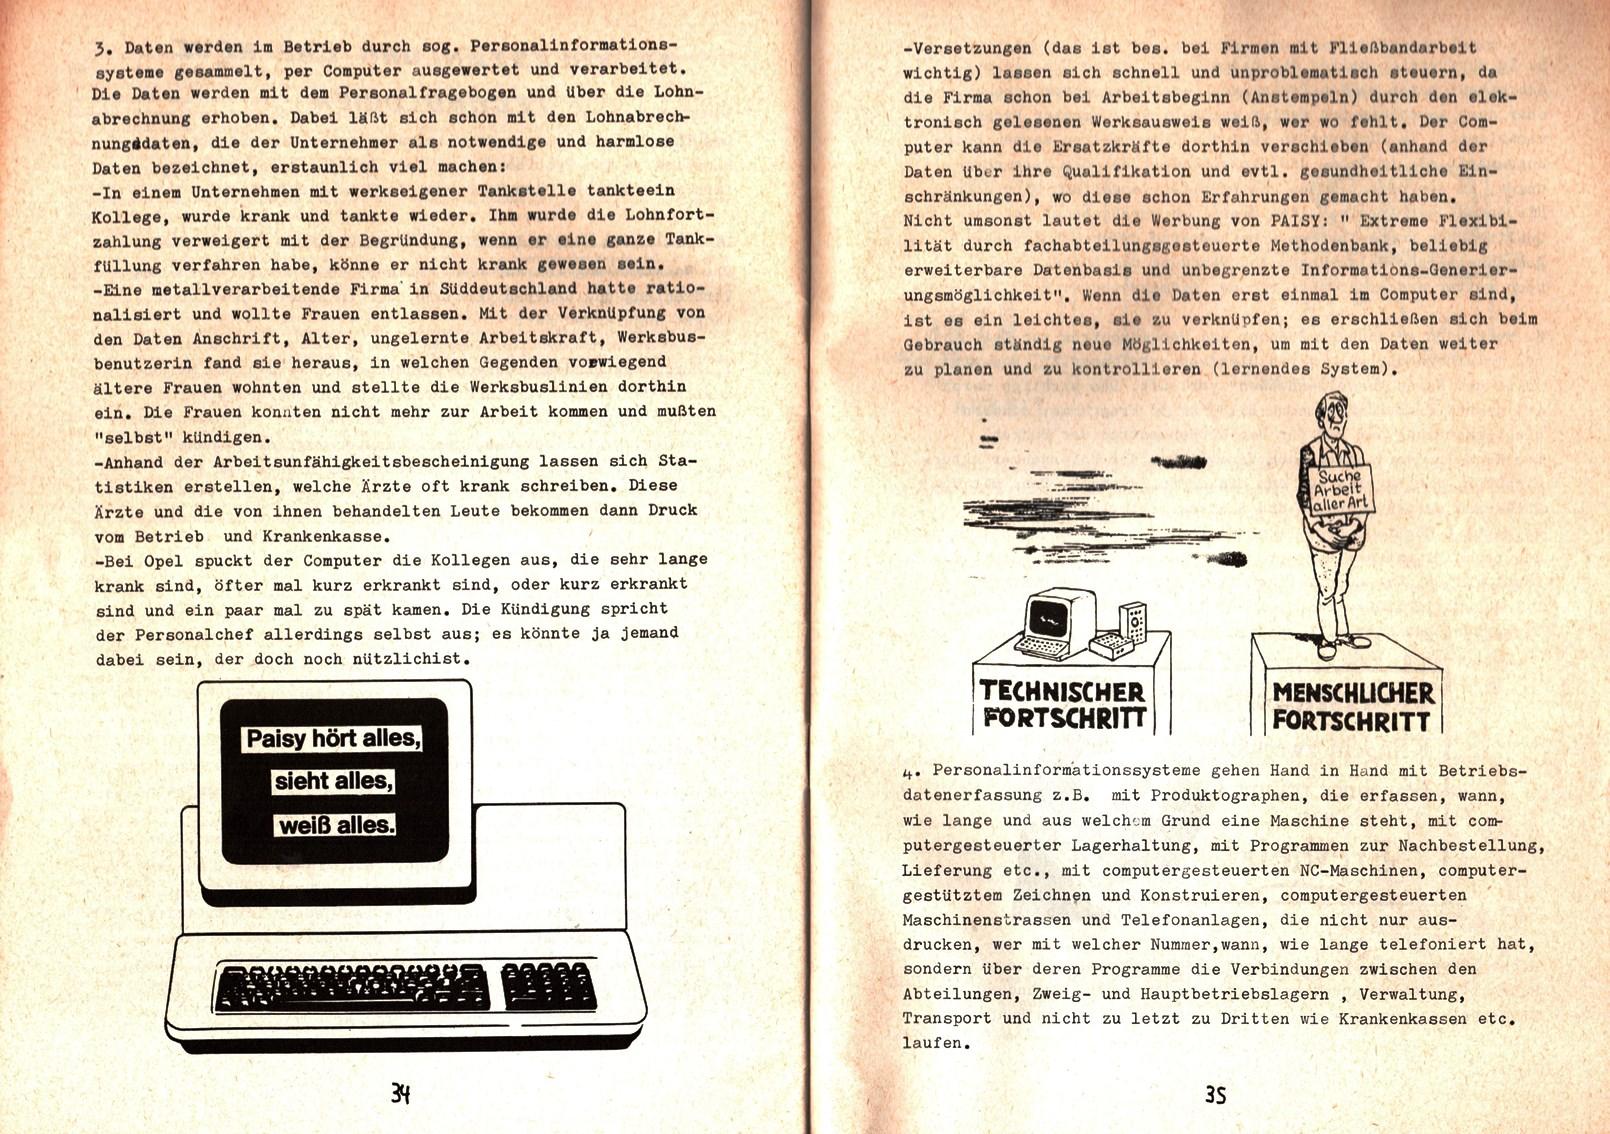 Bochum_1983_Volkszaehlungsboykotttreffen_017